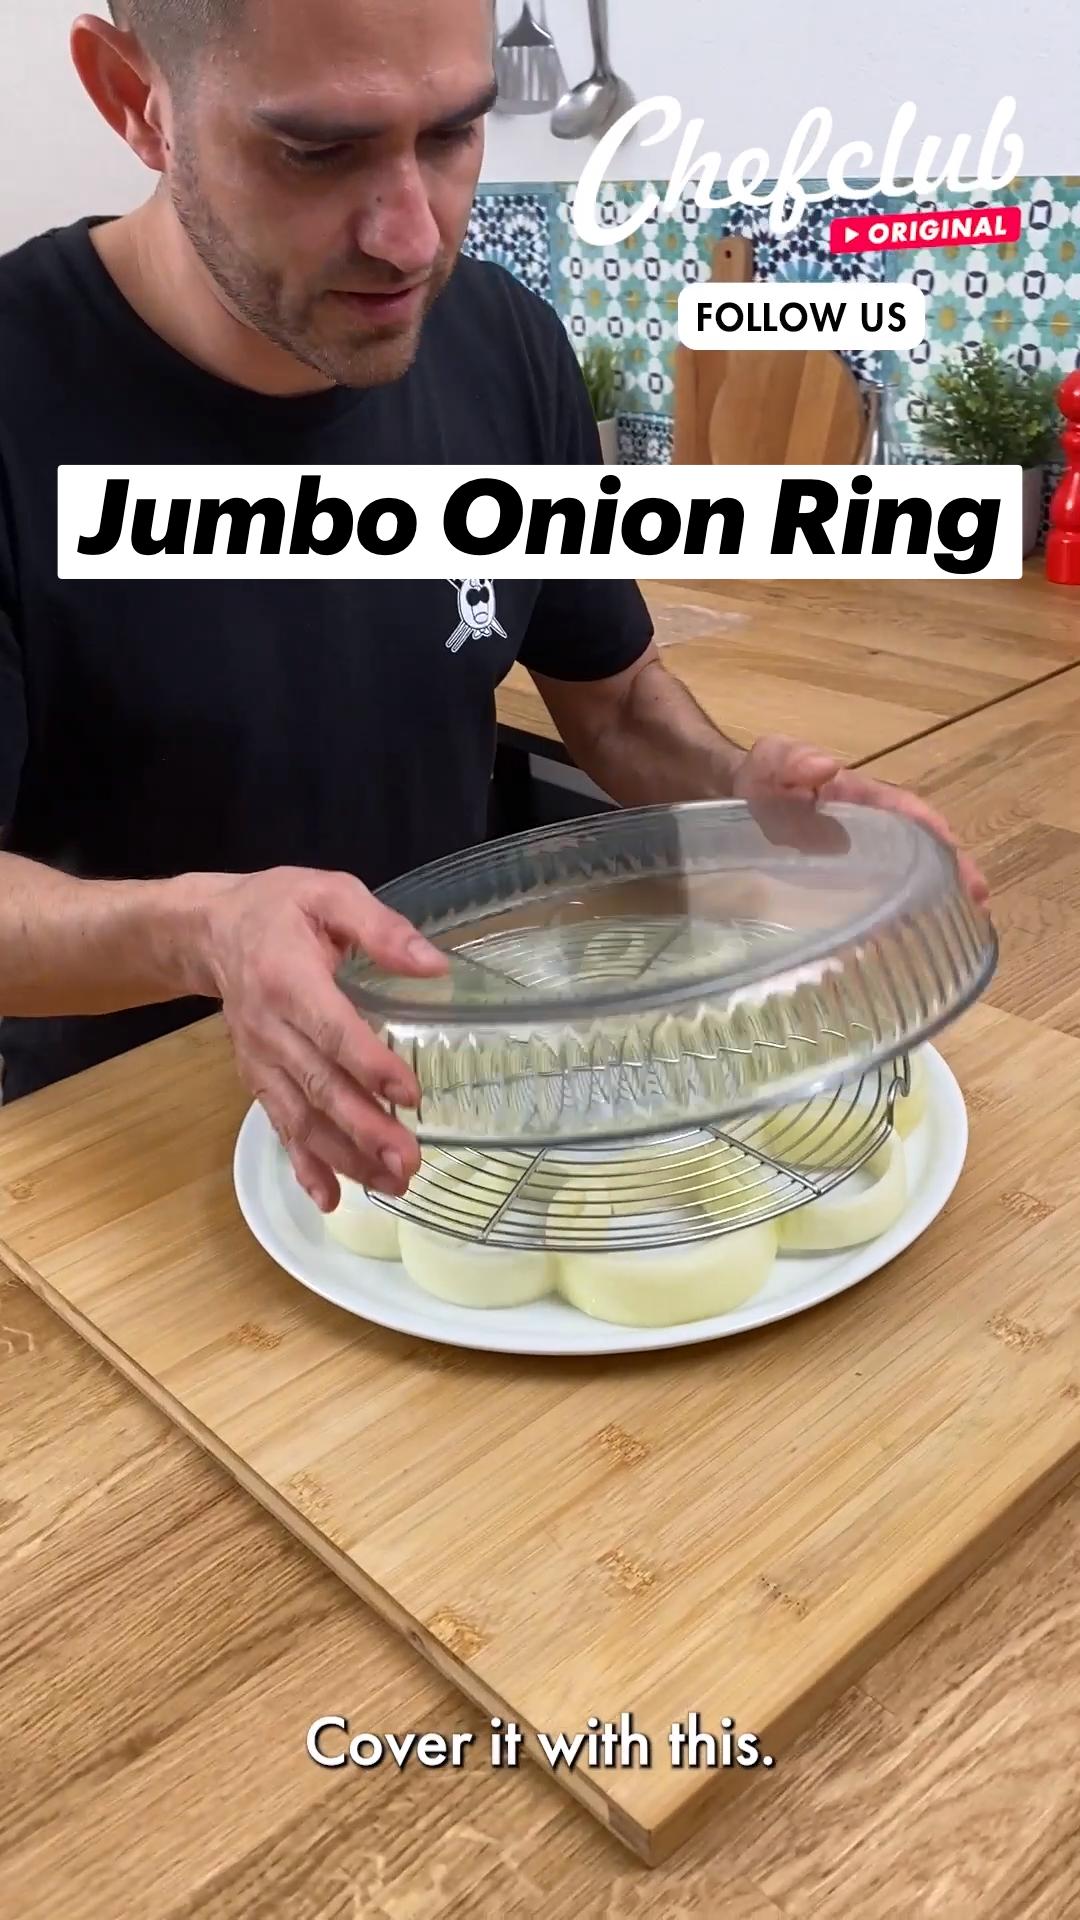 Jumbo Onion Ring